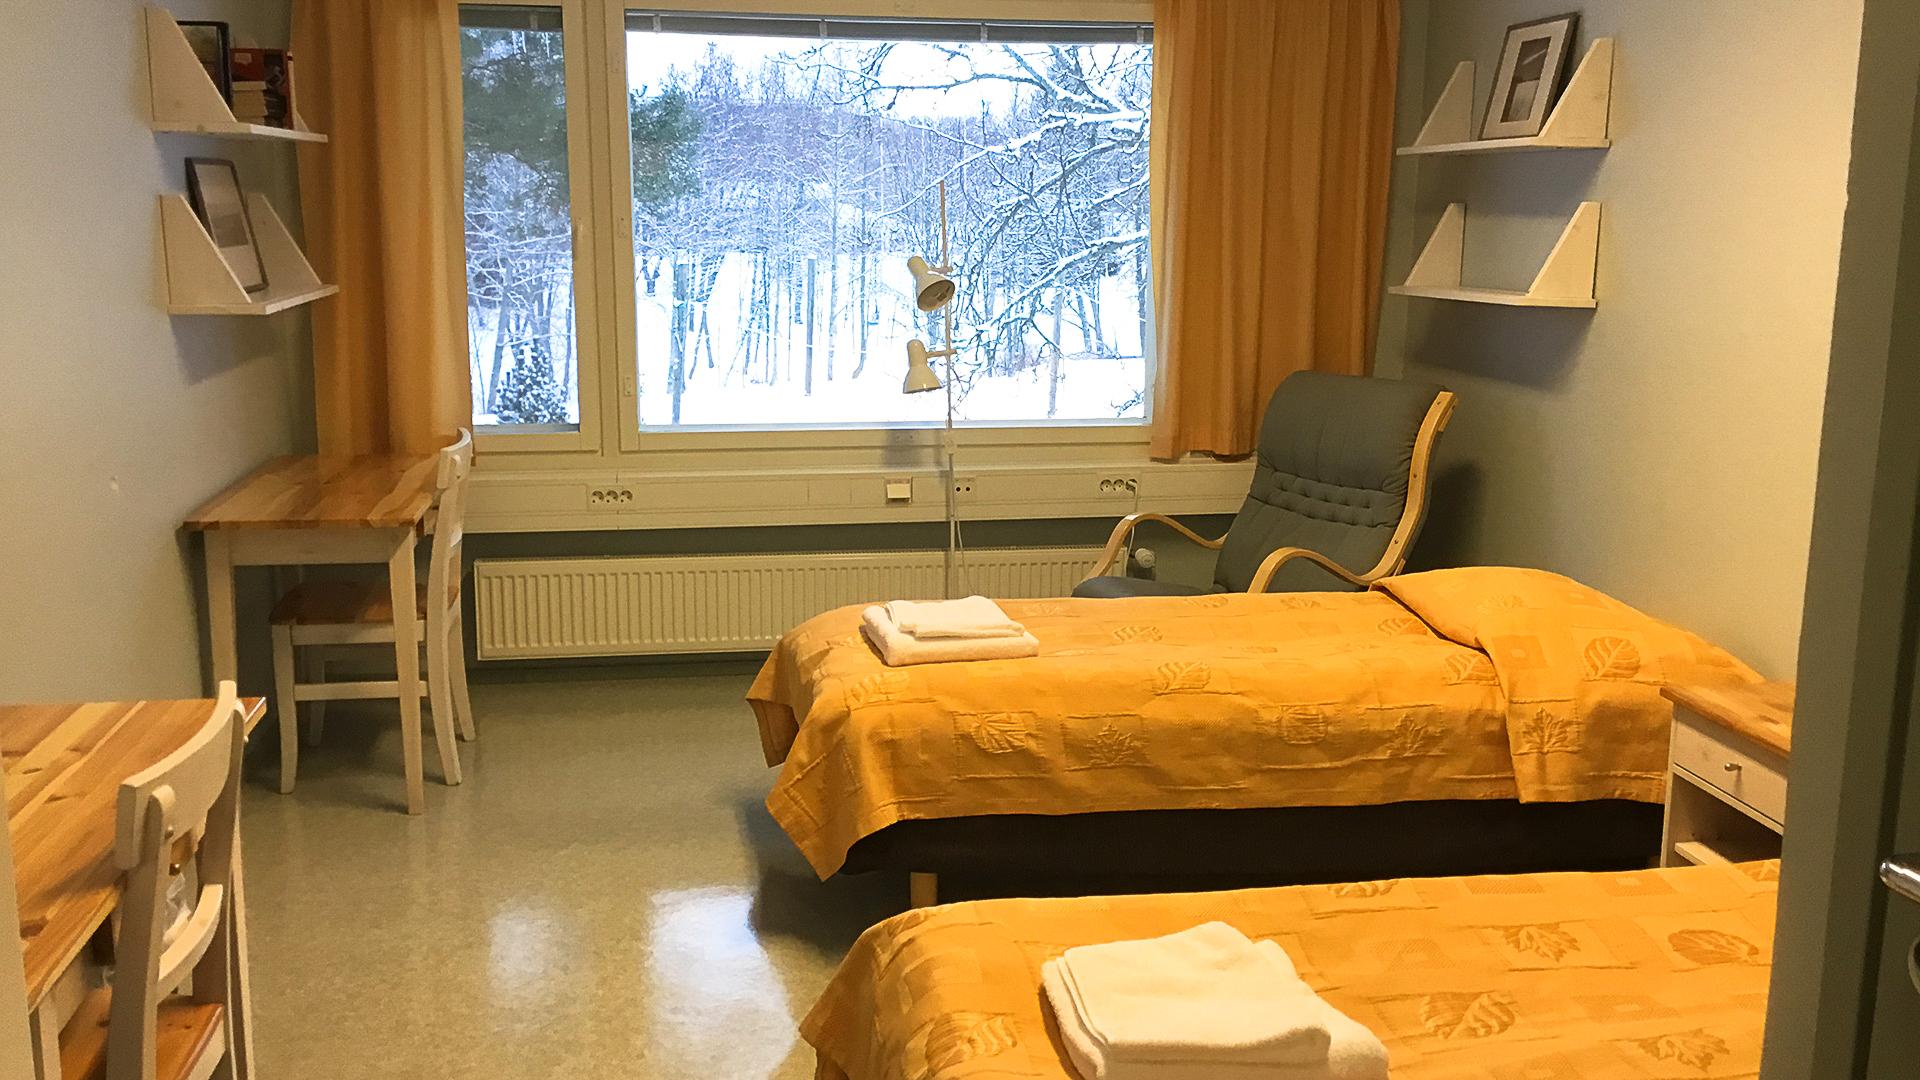 Majoitusta ympäri vuoden rauhallisella ja luonnonkauniilla alueella Kälviällä noin 20 minuutin ajomatkan päässä Kokkolasta.